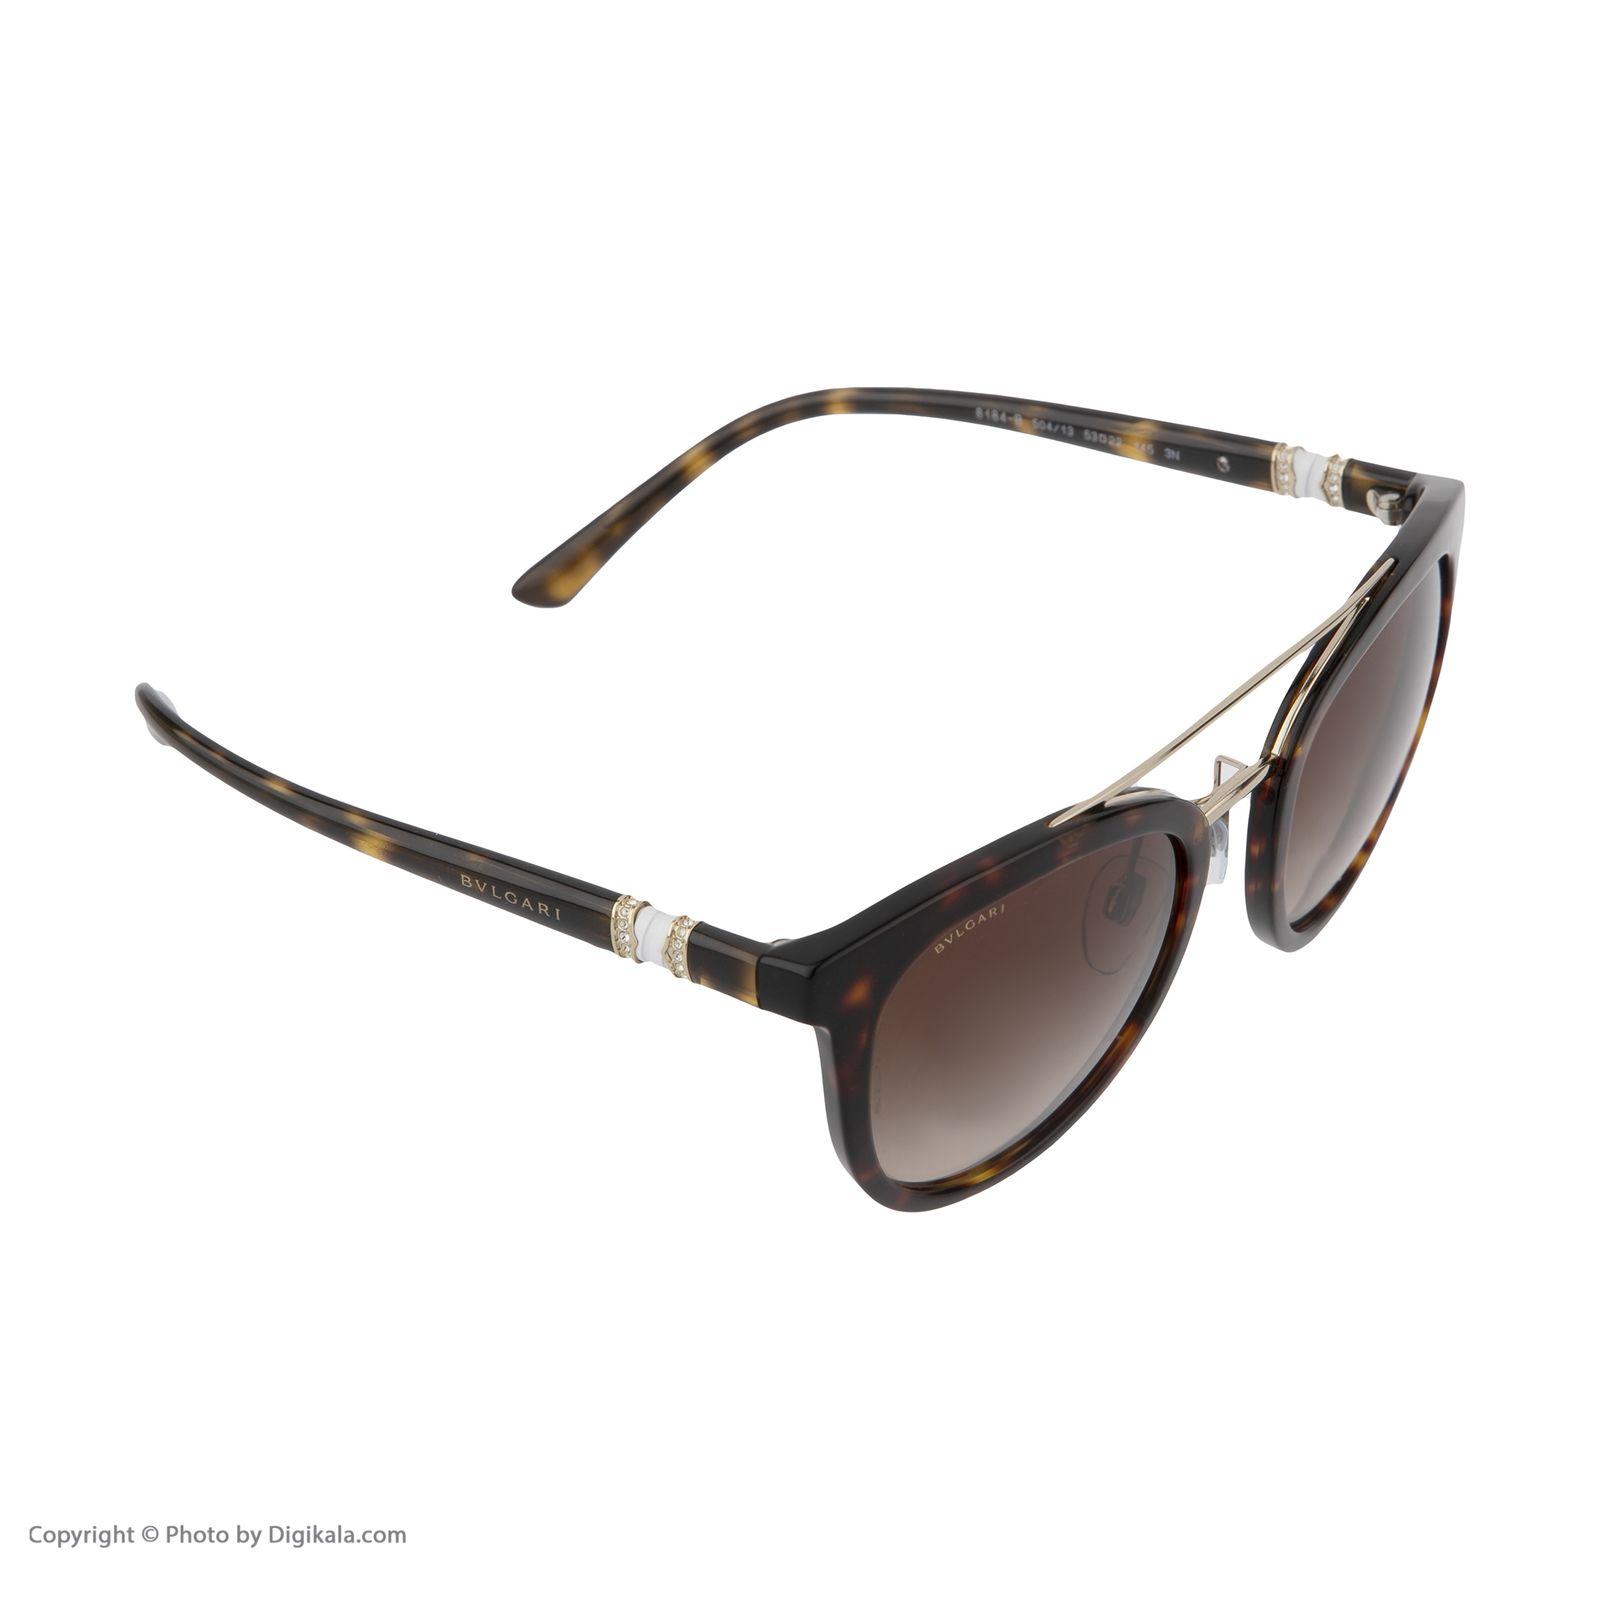 عینک آفتابی زنانه بولگاری مدل BV8184B 50413 -  - 6